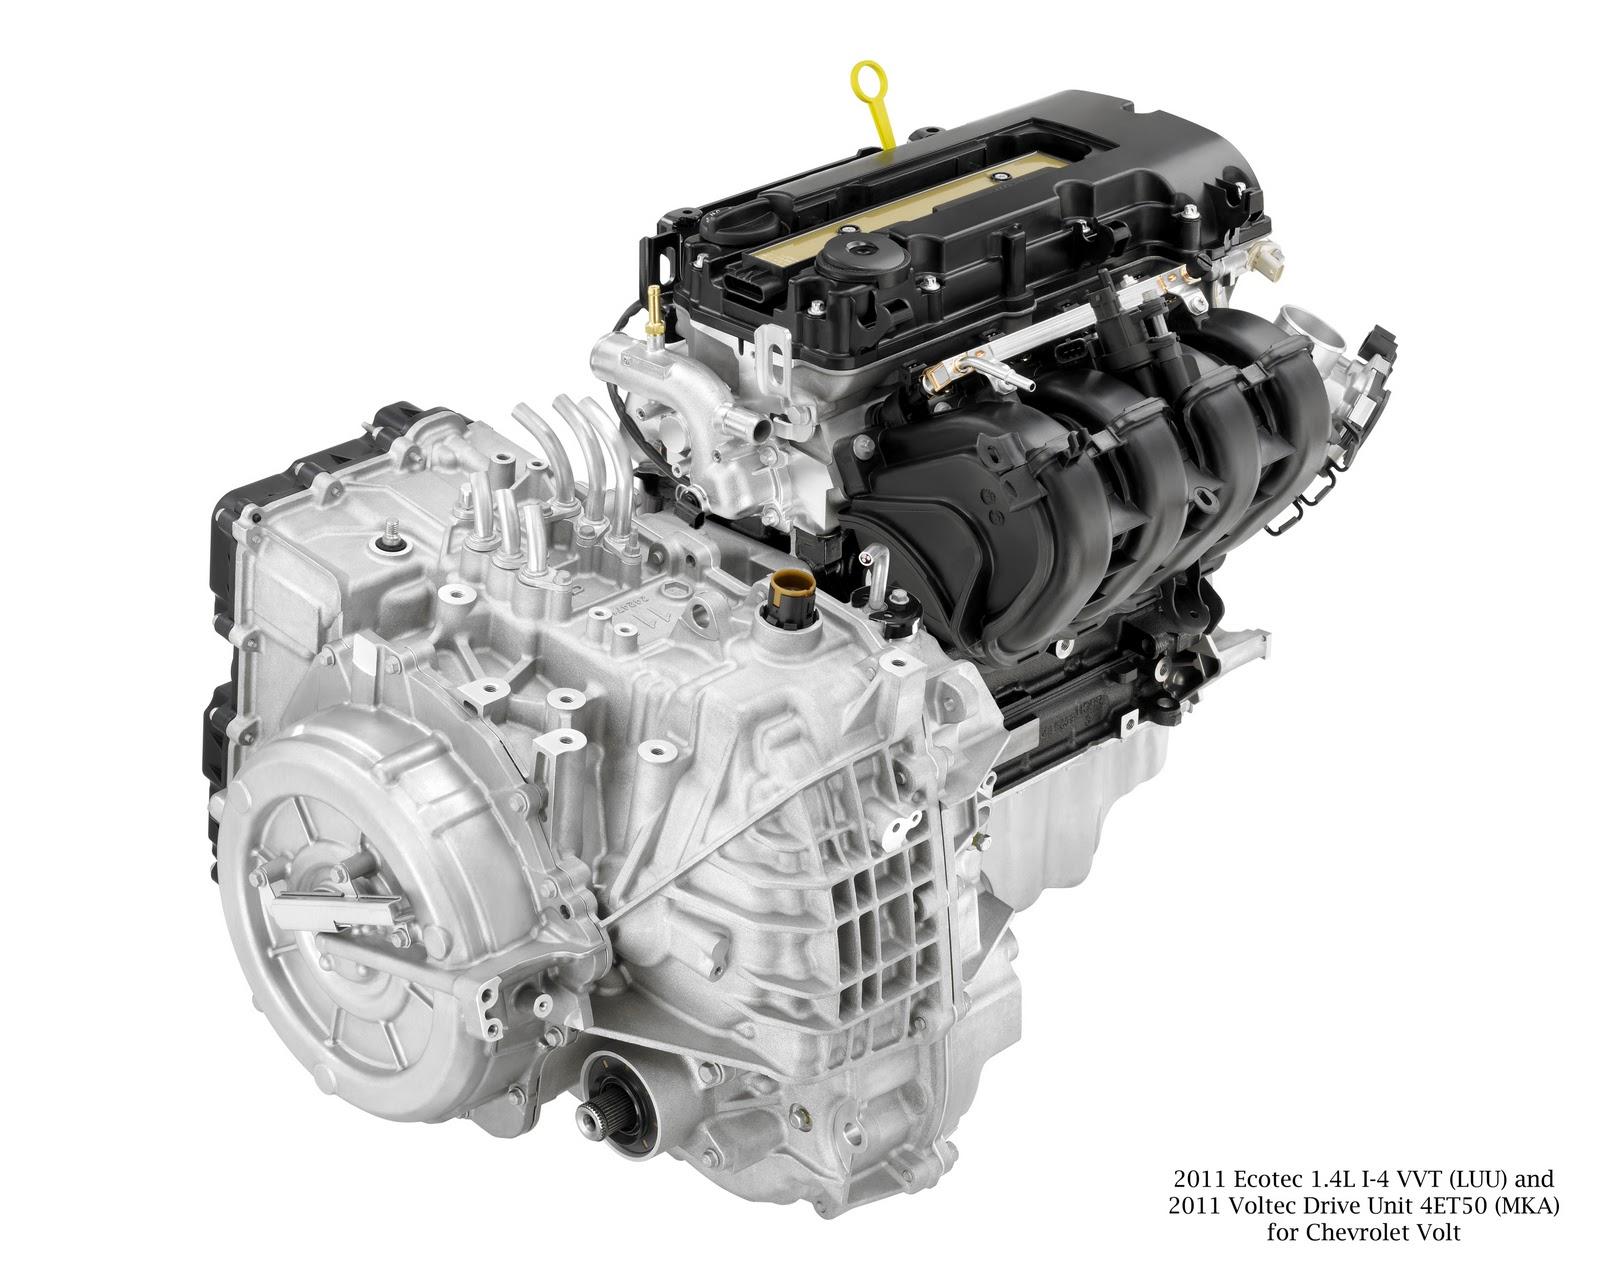 Chevrolet Volt Propulsion System Named A Wards 10 Best Engine Gm Ecotec